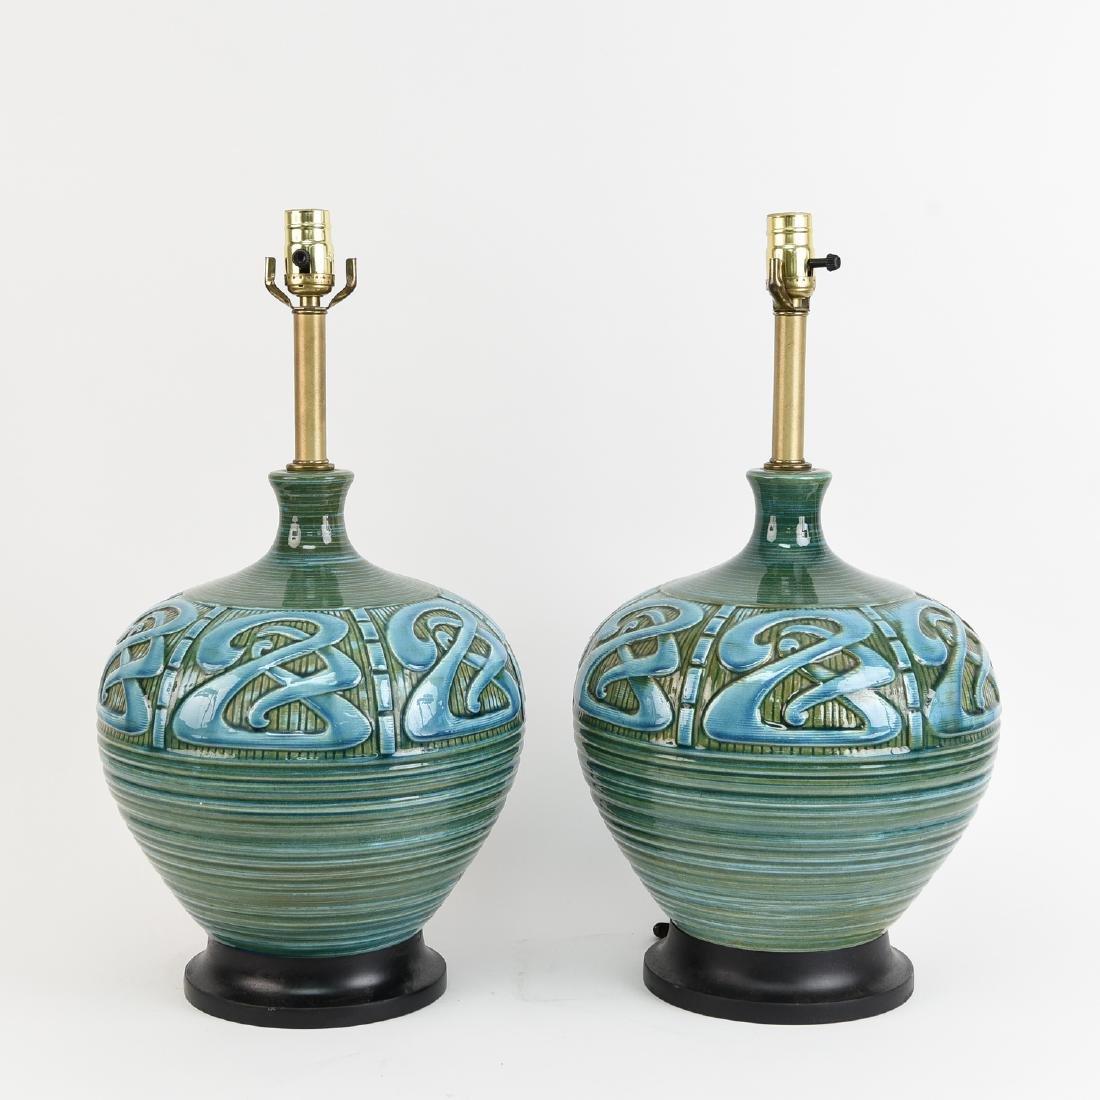 PAIR OF MID-CENTURY CERAMIC LAMPS